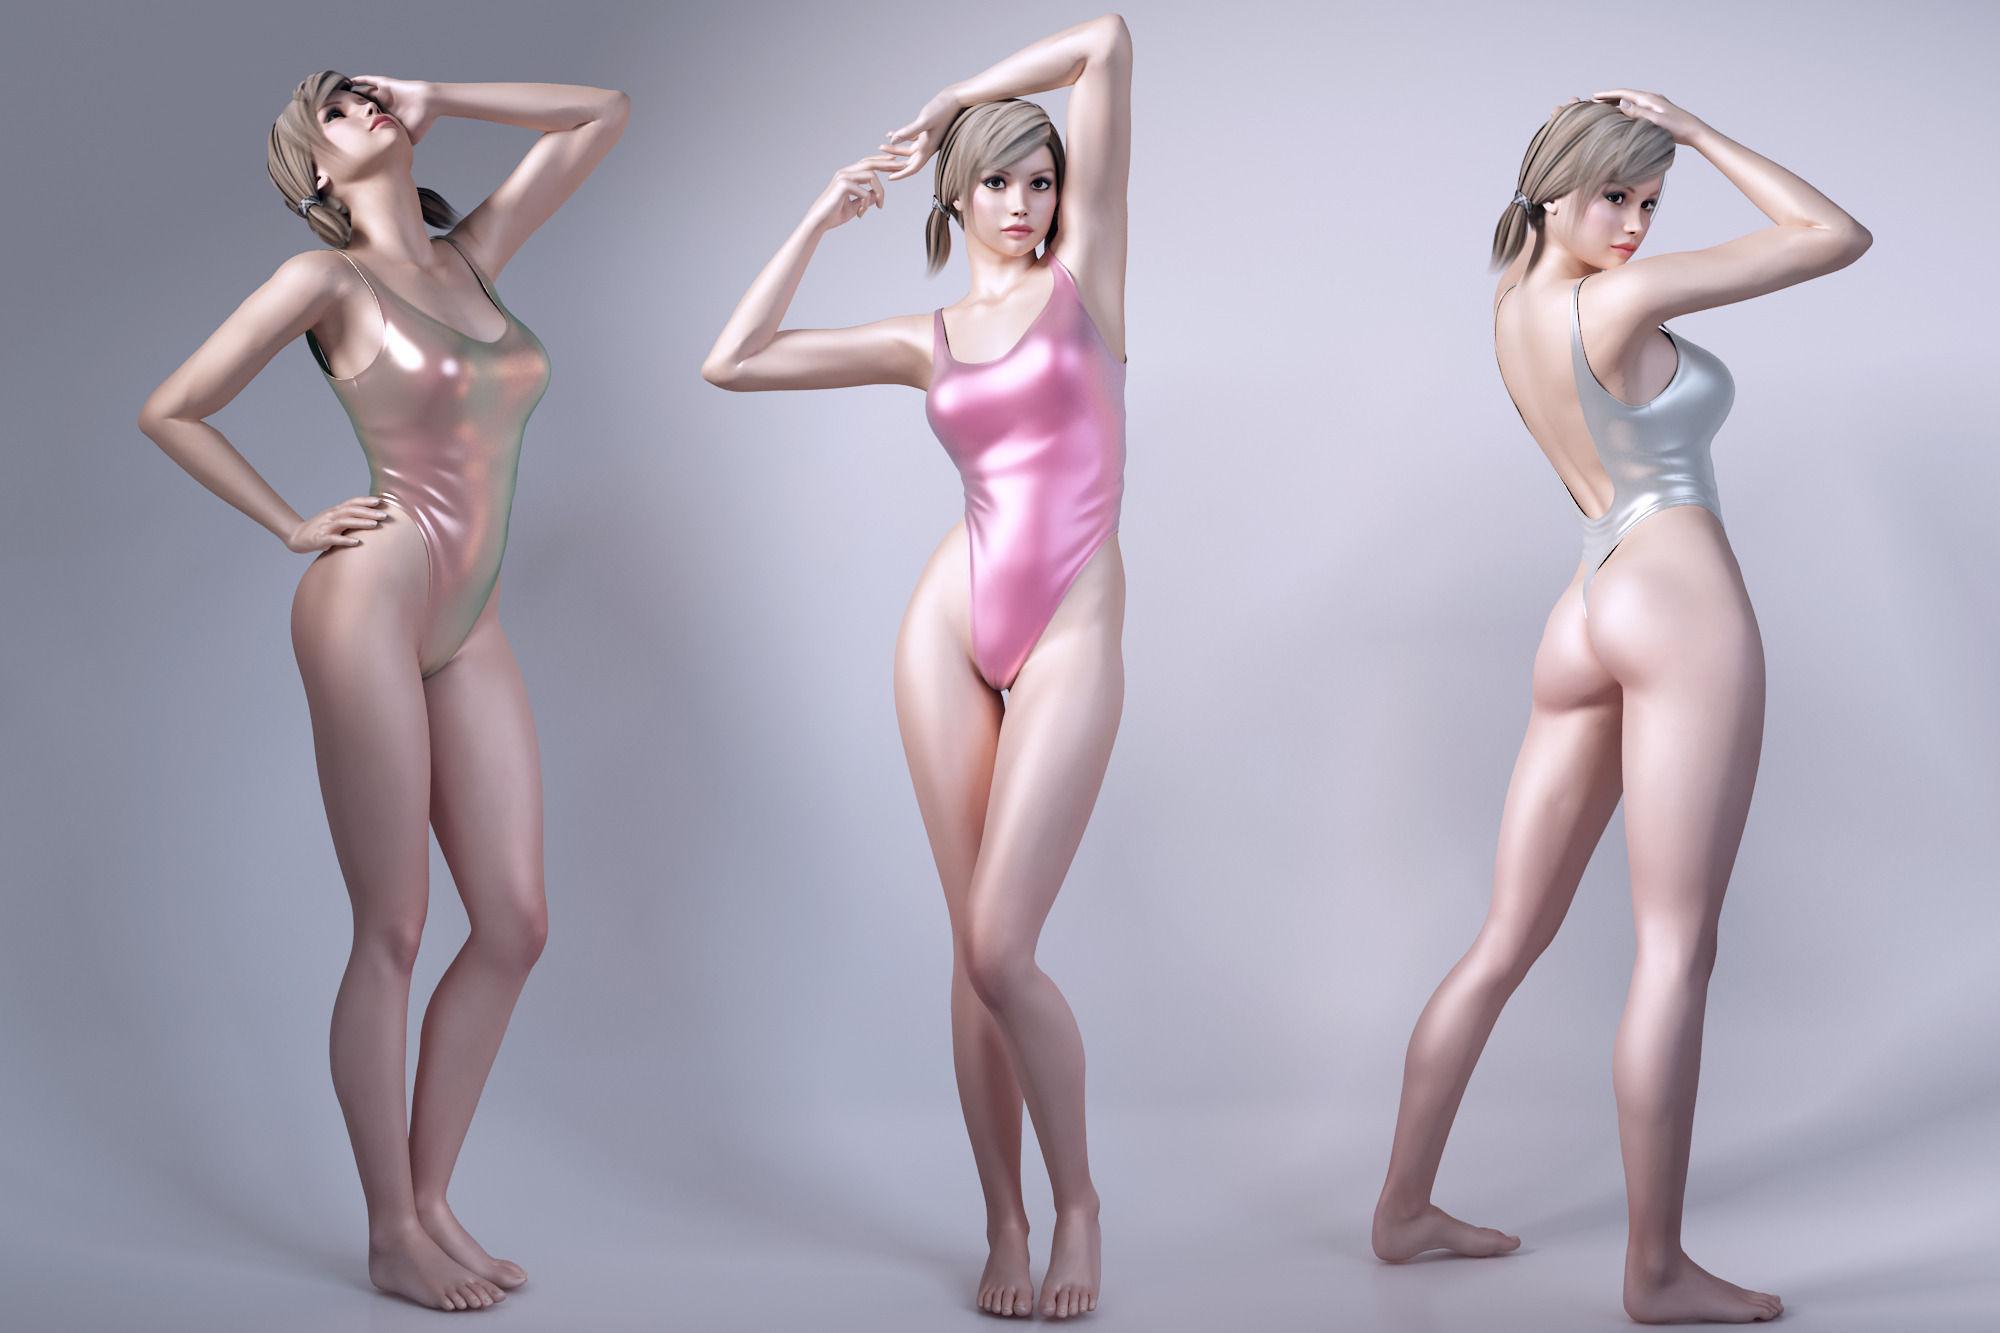 Картинки по запросу nude women 3D